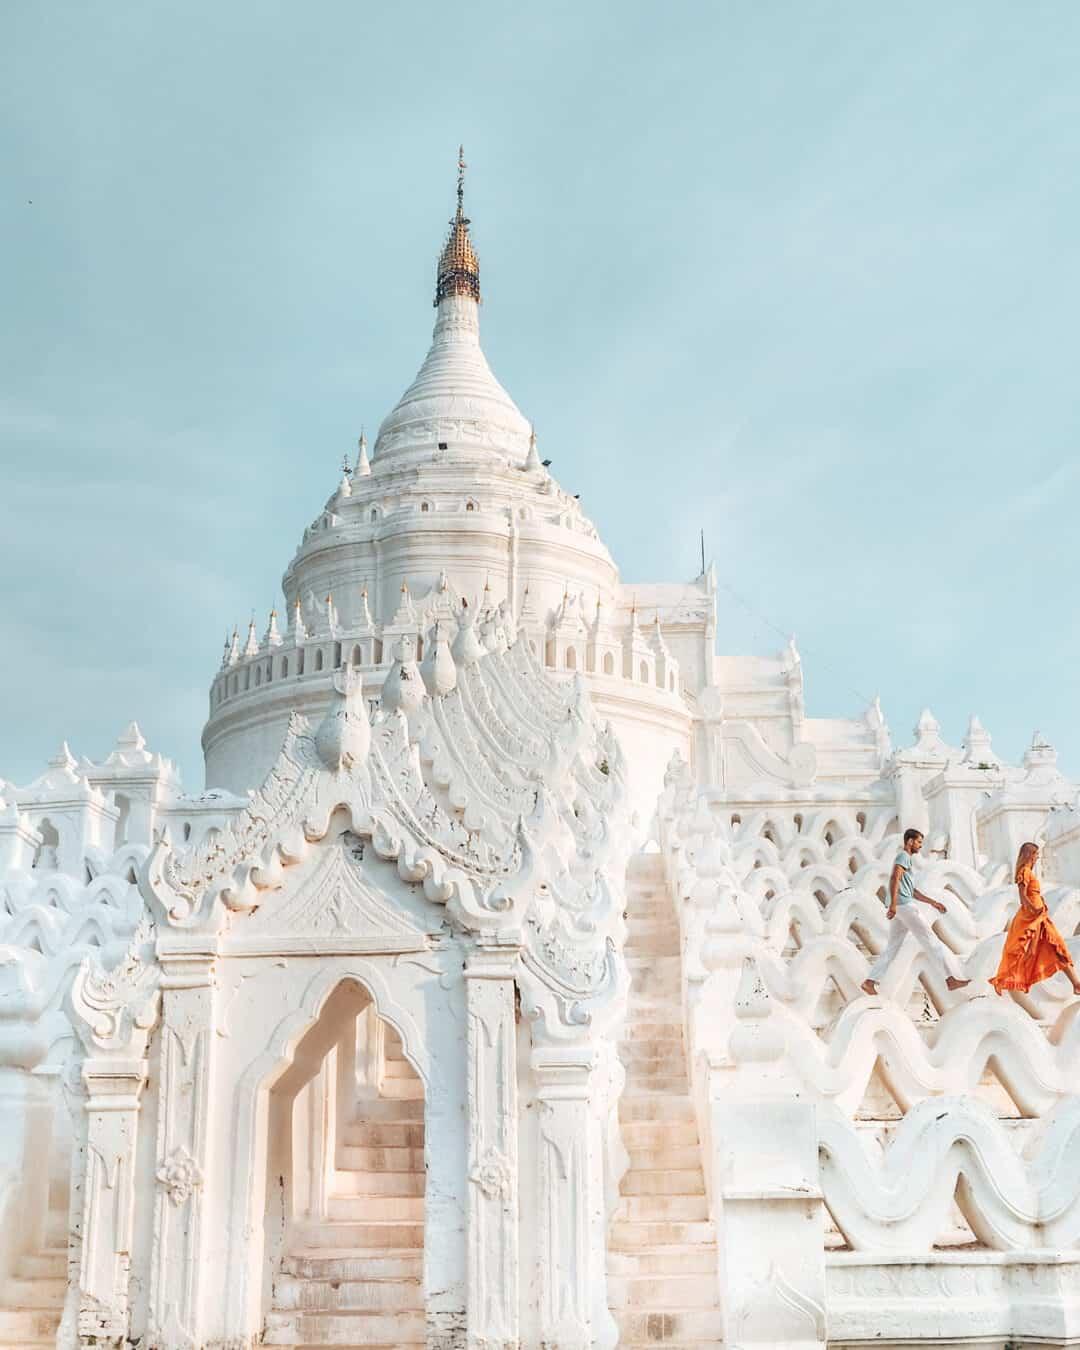 Hsinbyume Pagoda Mandalay Myanmar